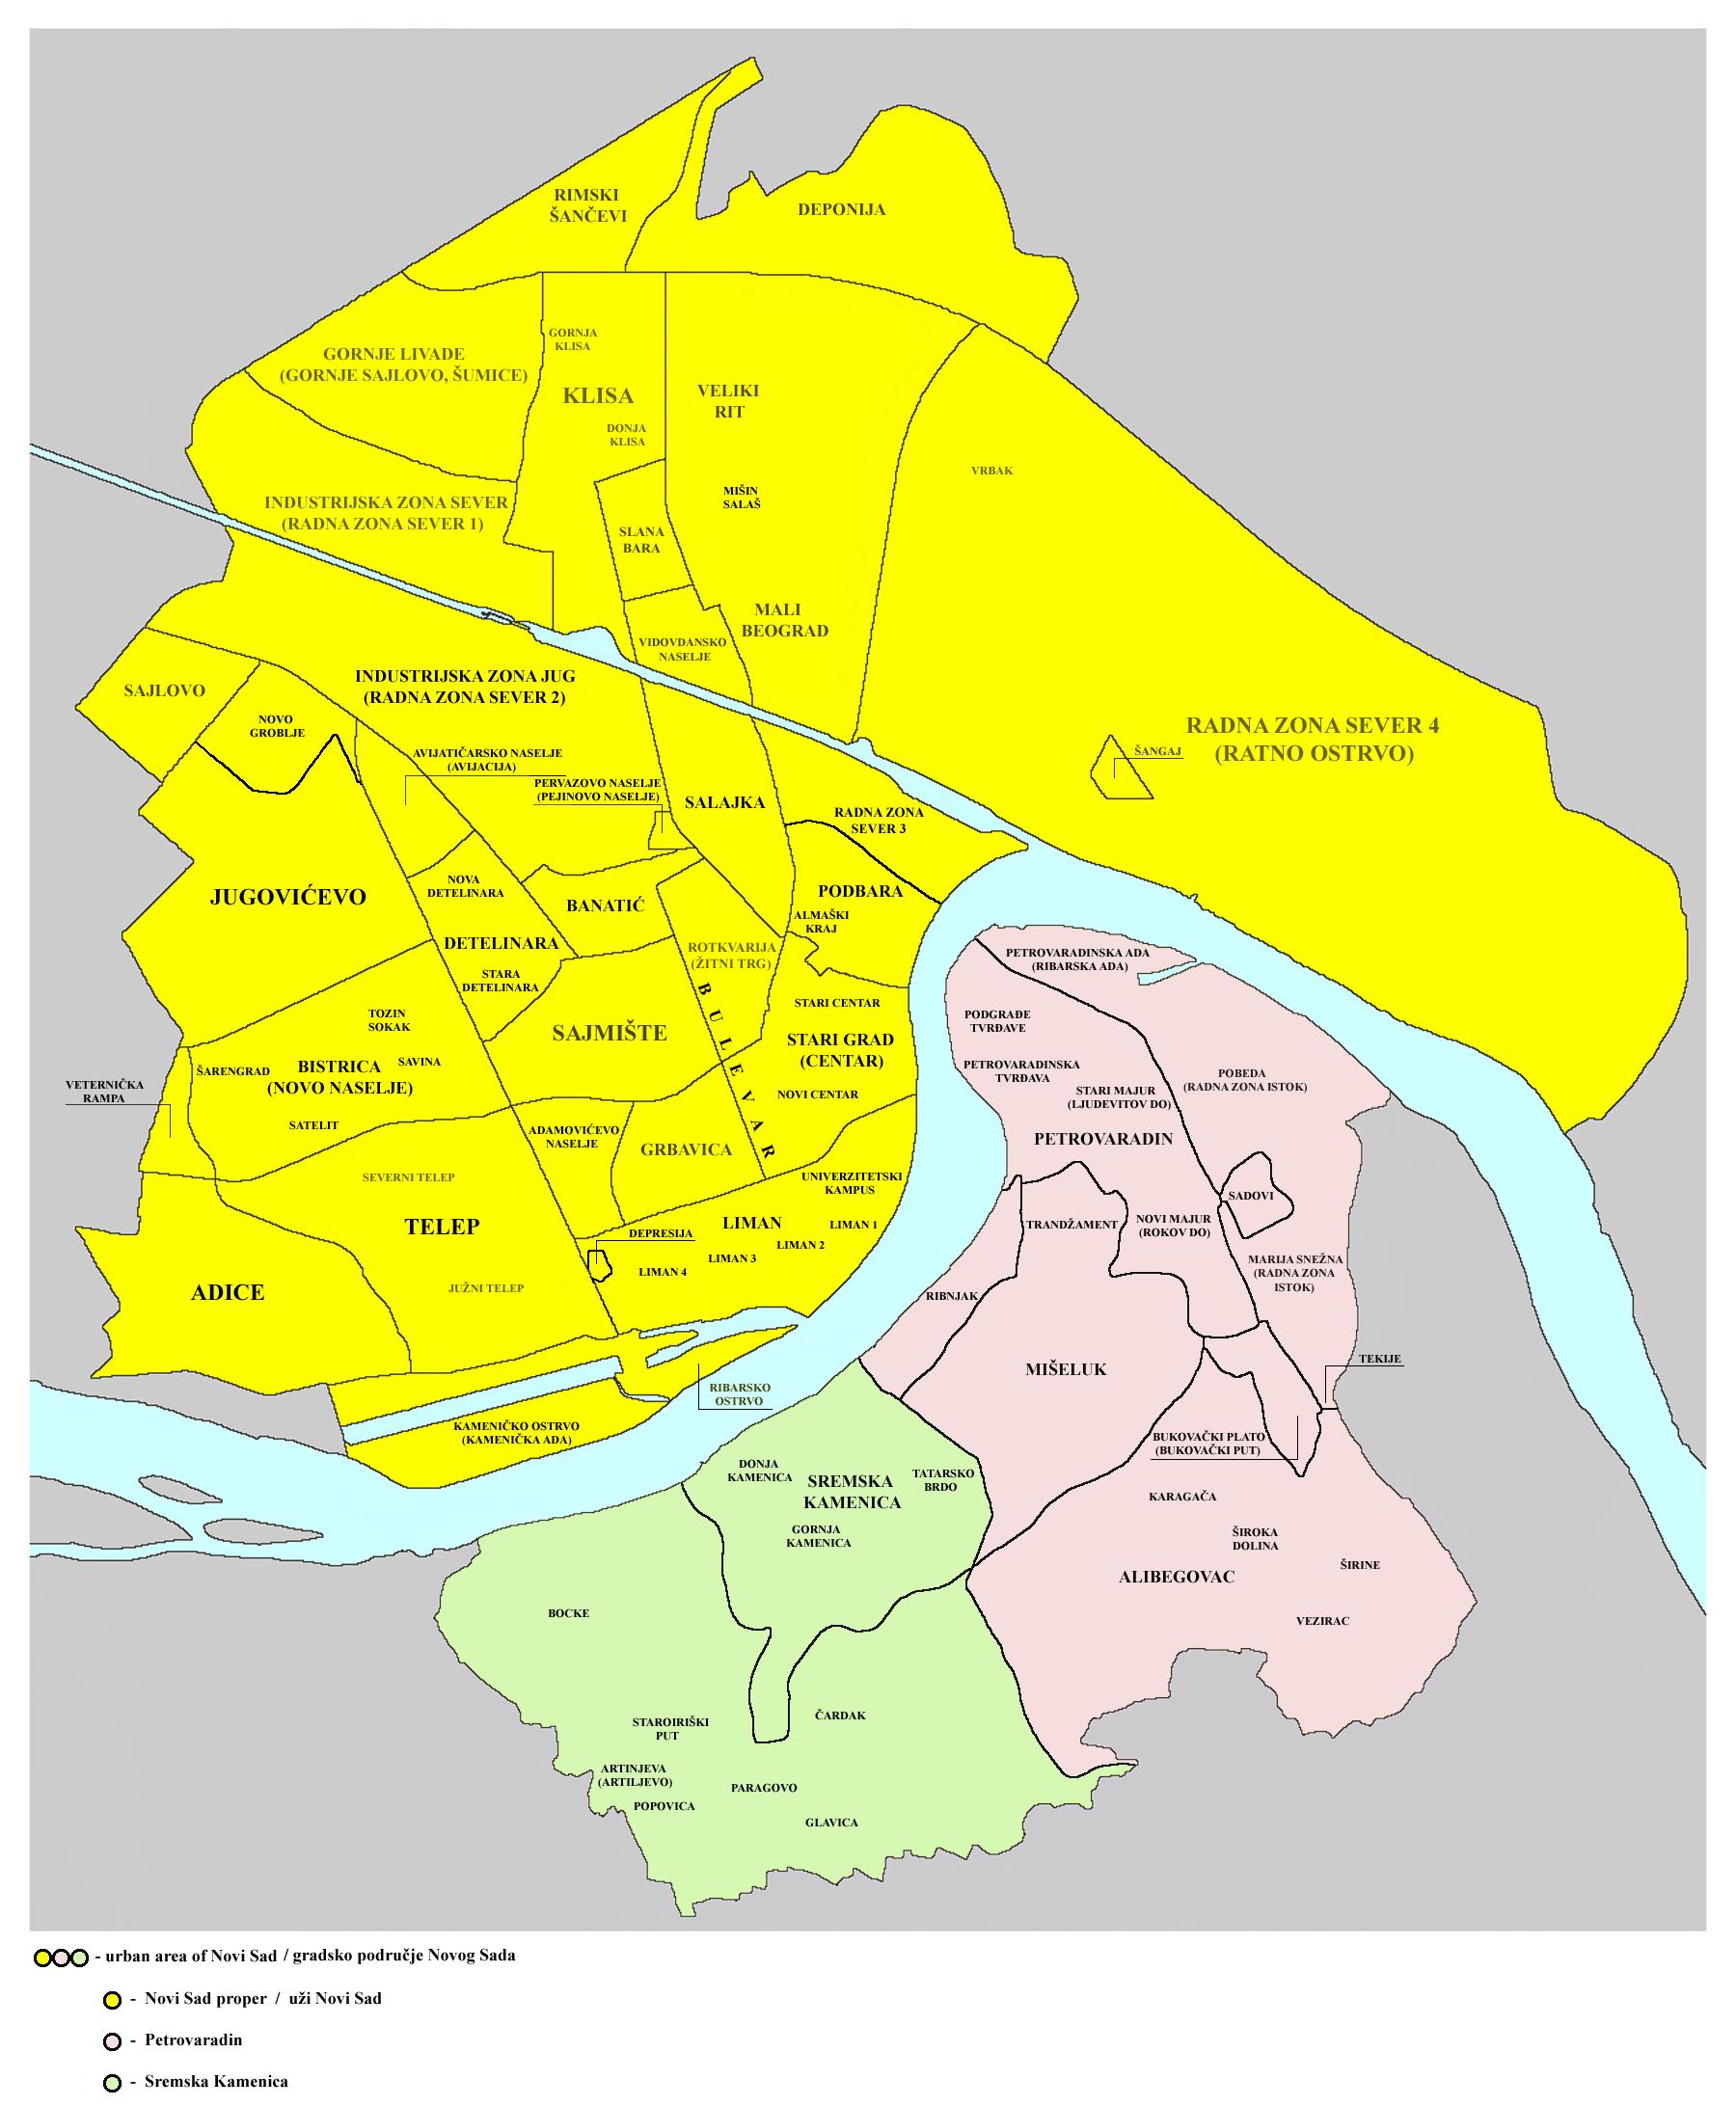 mapa novog sada File:Novi sad quarters.png   Wikimedia Commons mapa novog sada